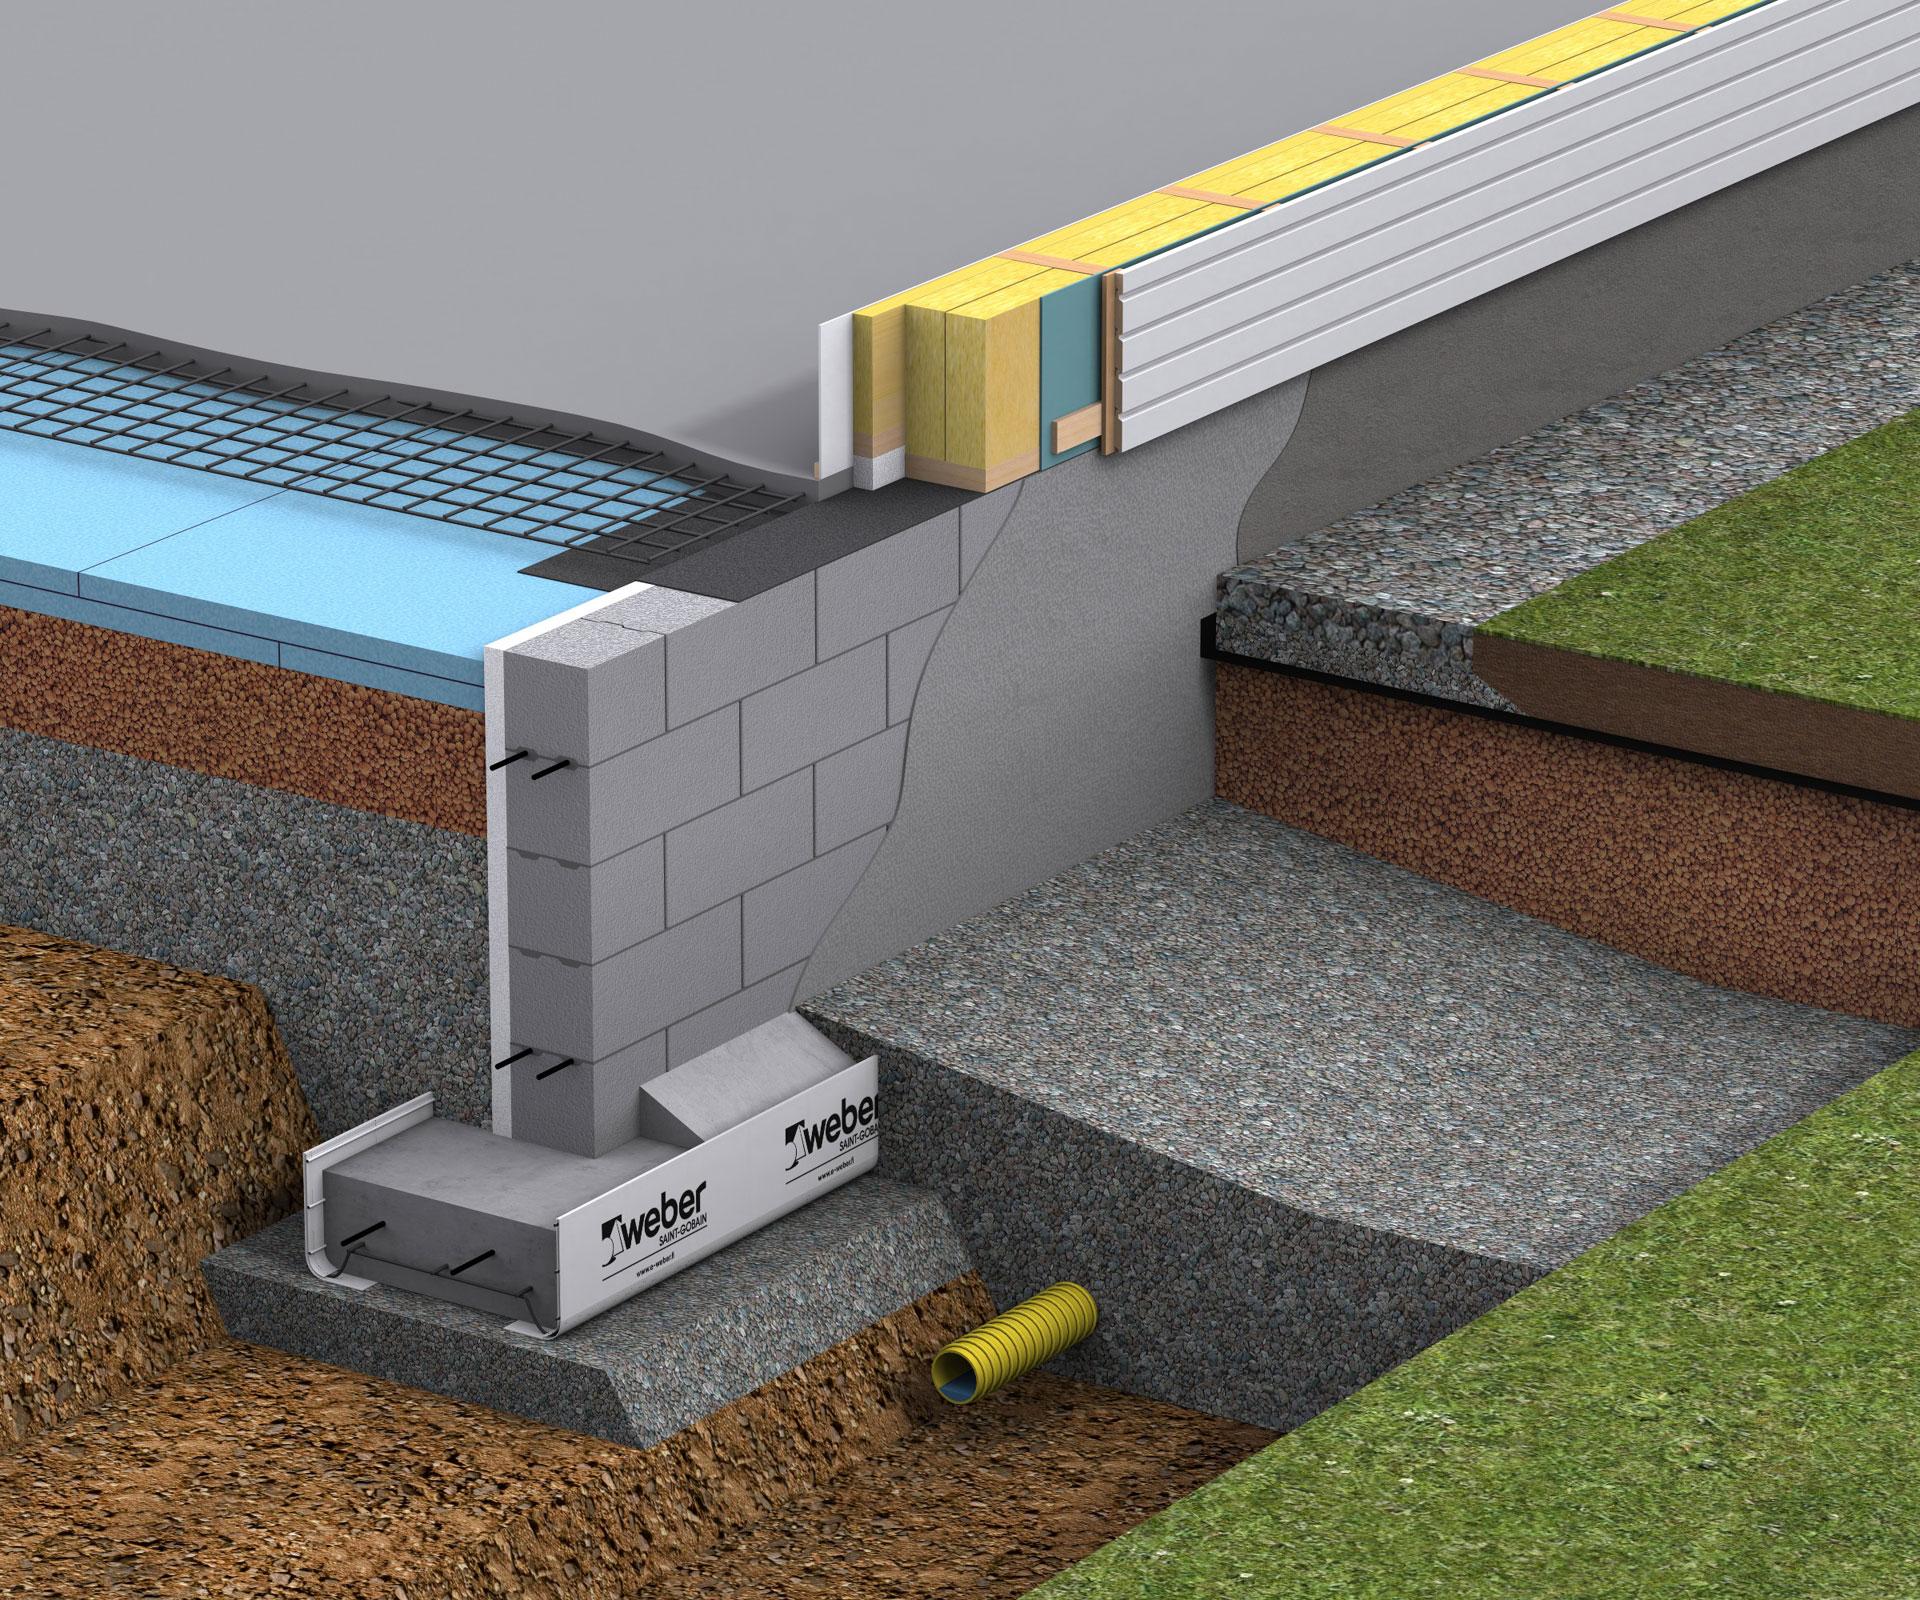 LEca-harkkoperustus RUH-200 maanvaraisella alapohjalla ja Leca-soraeristyksellä